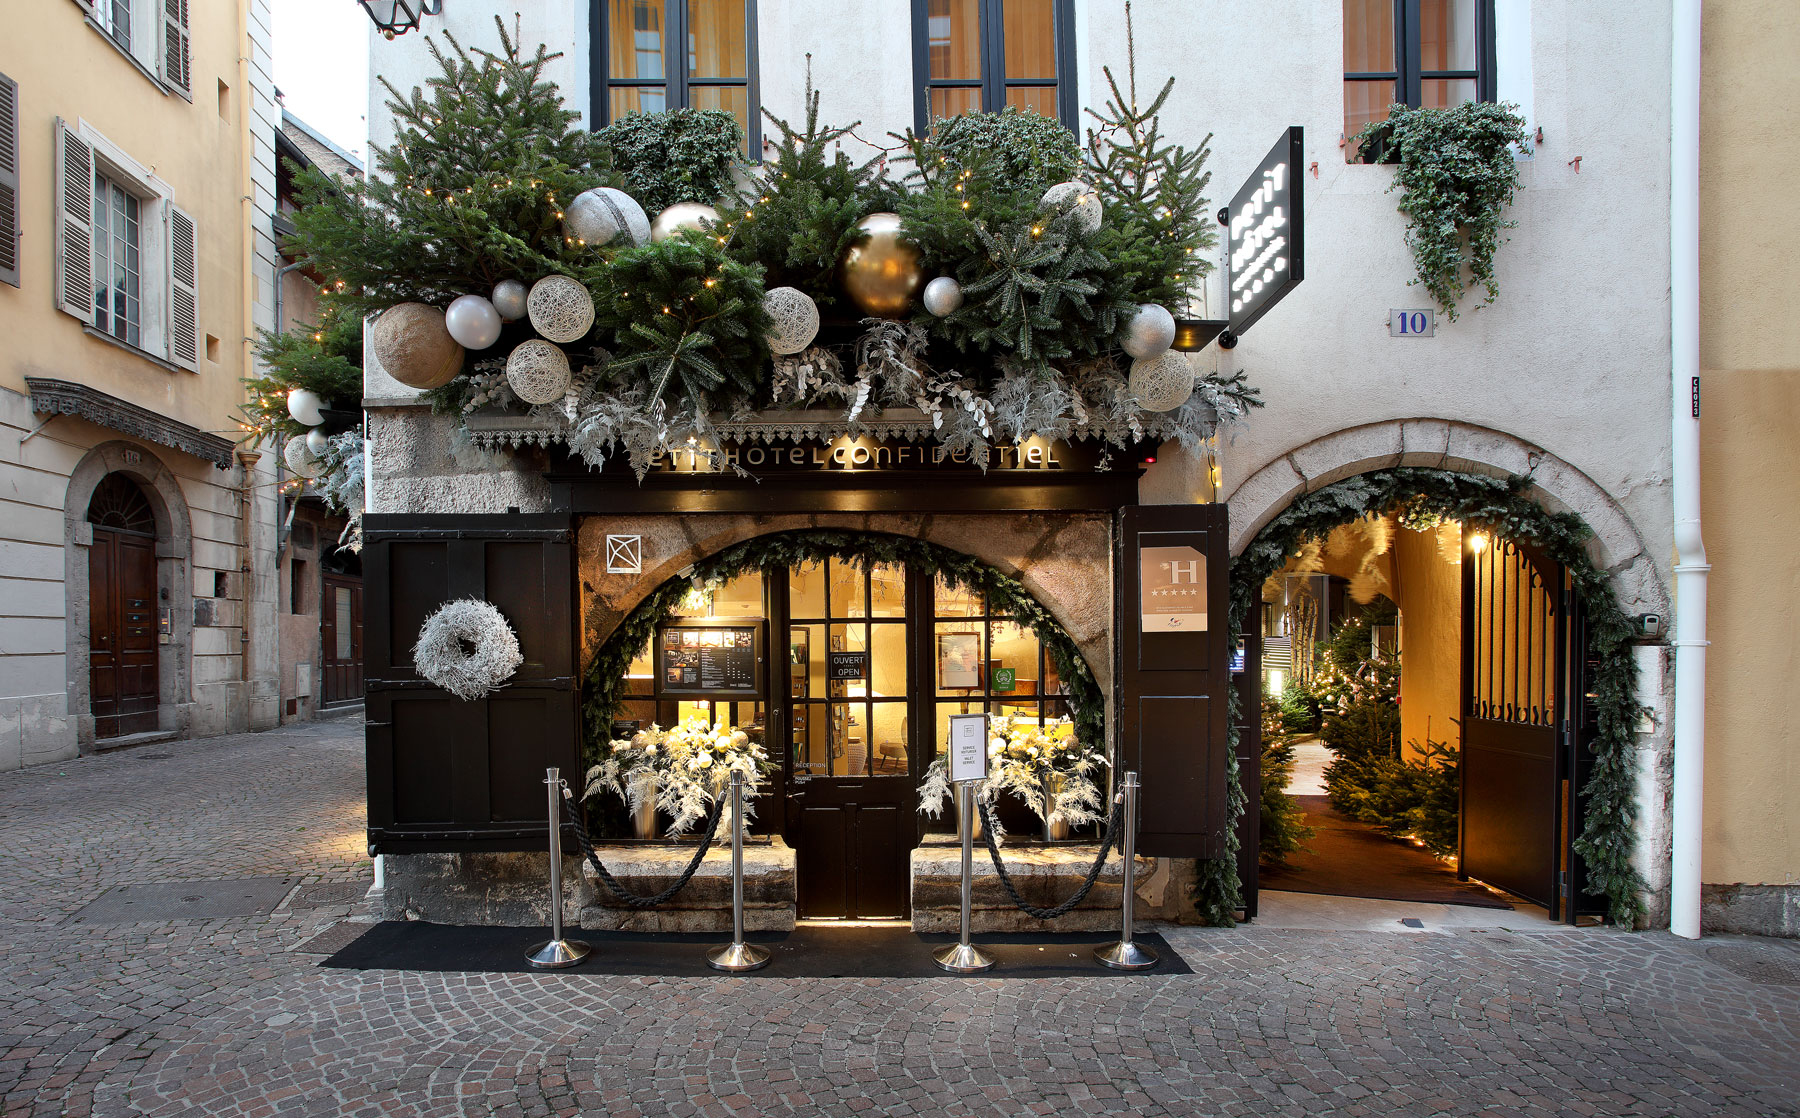 Le Petit Hôtel Confidentiel est le gagnant des trivago Awards pour la catégorie 5 étoiles en France